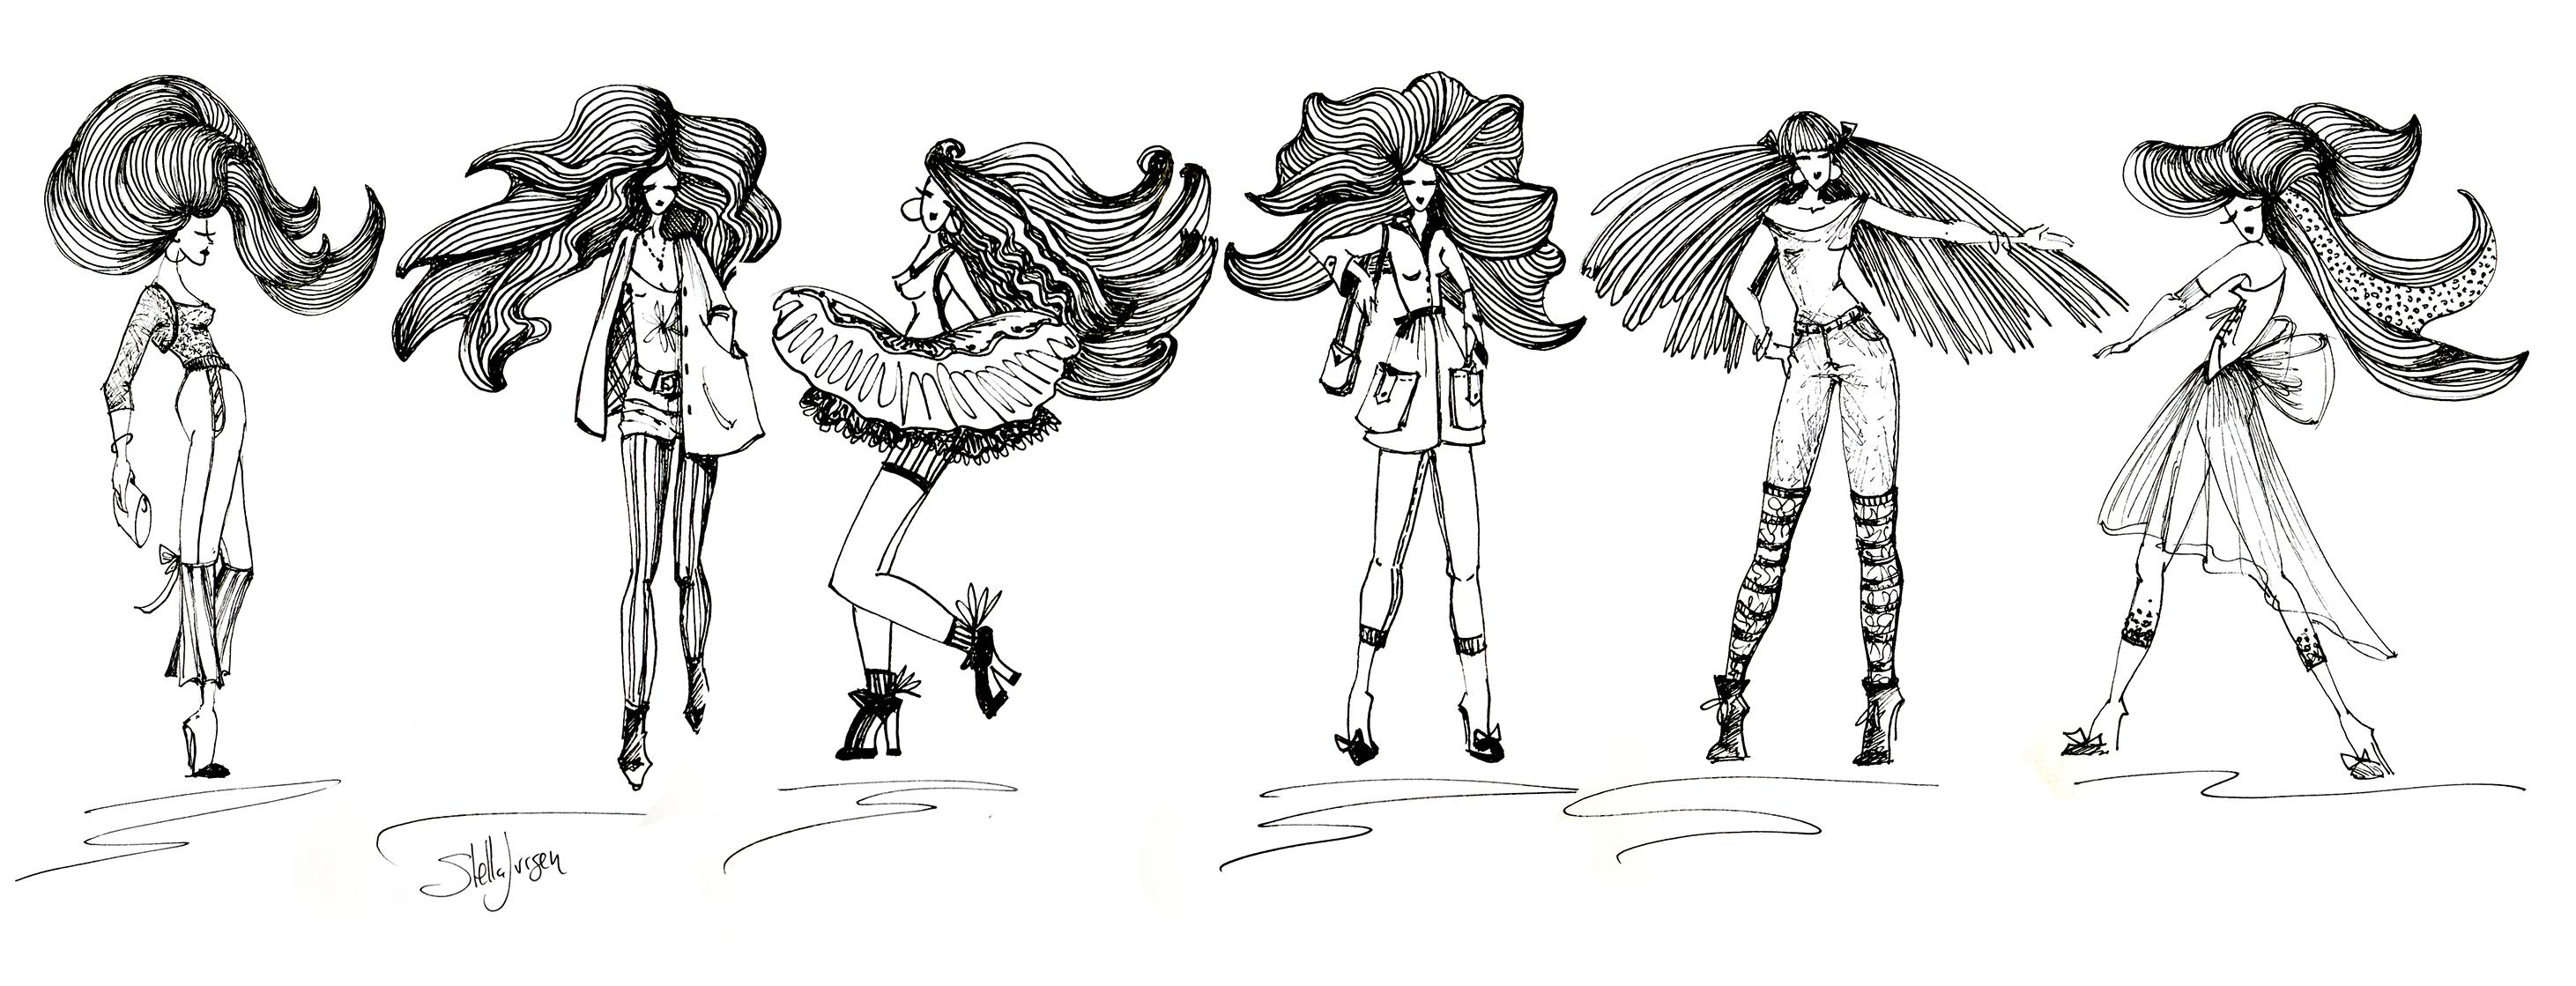 Stella Jurgen Fashion sketches 2 medium